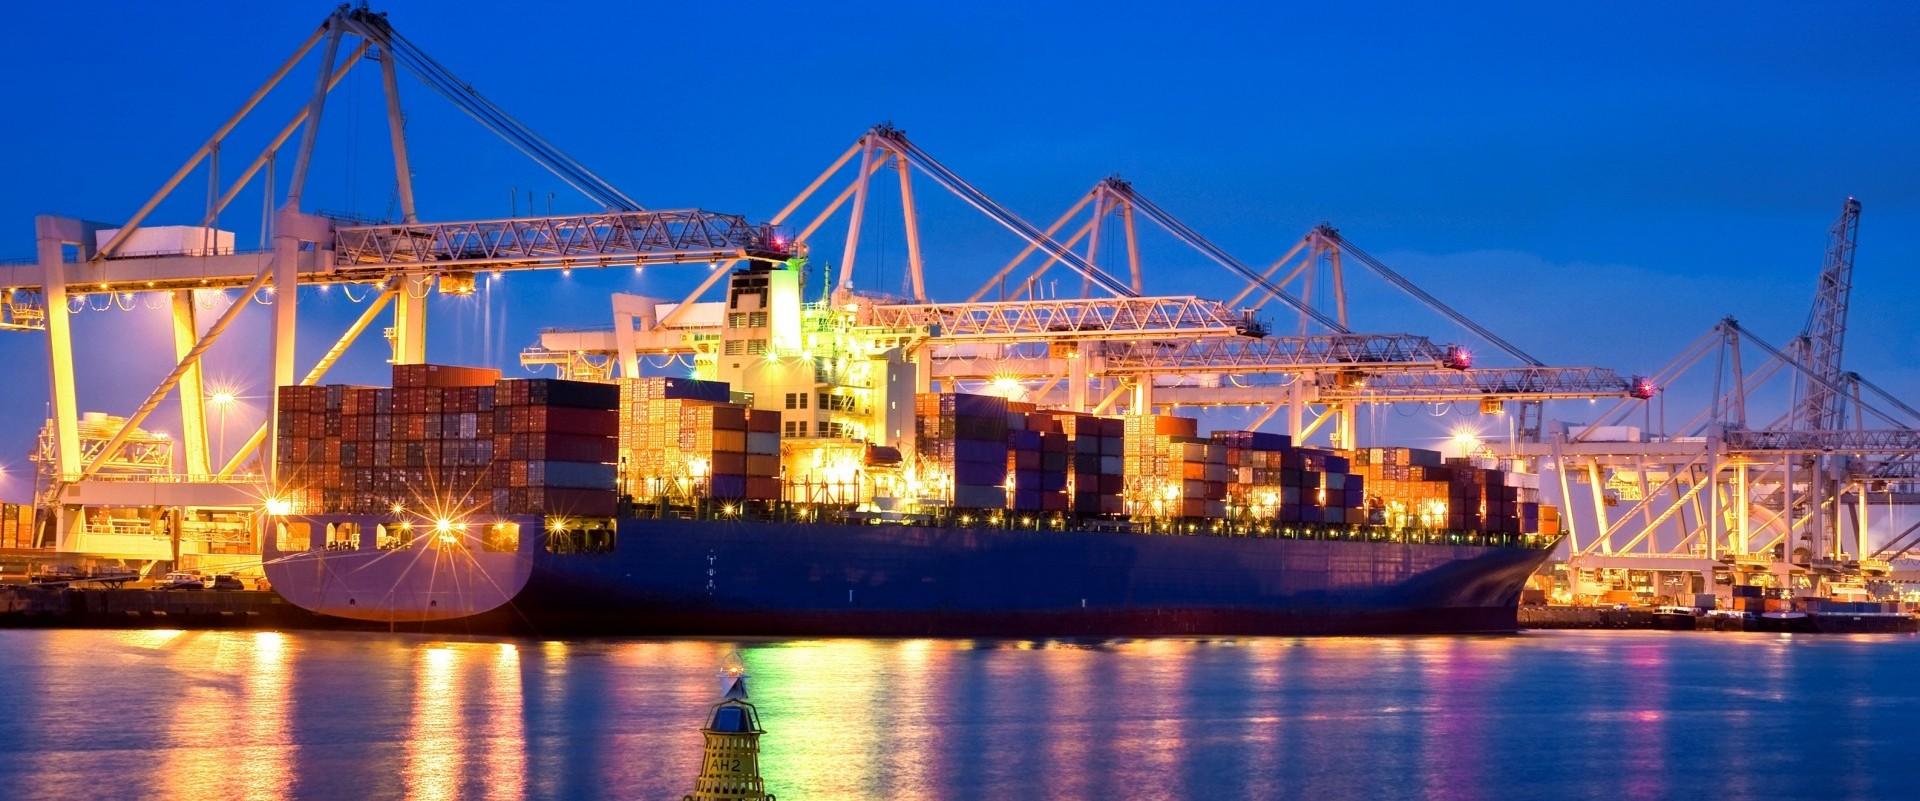 Strategic Freight Forwarder